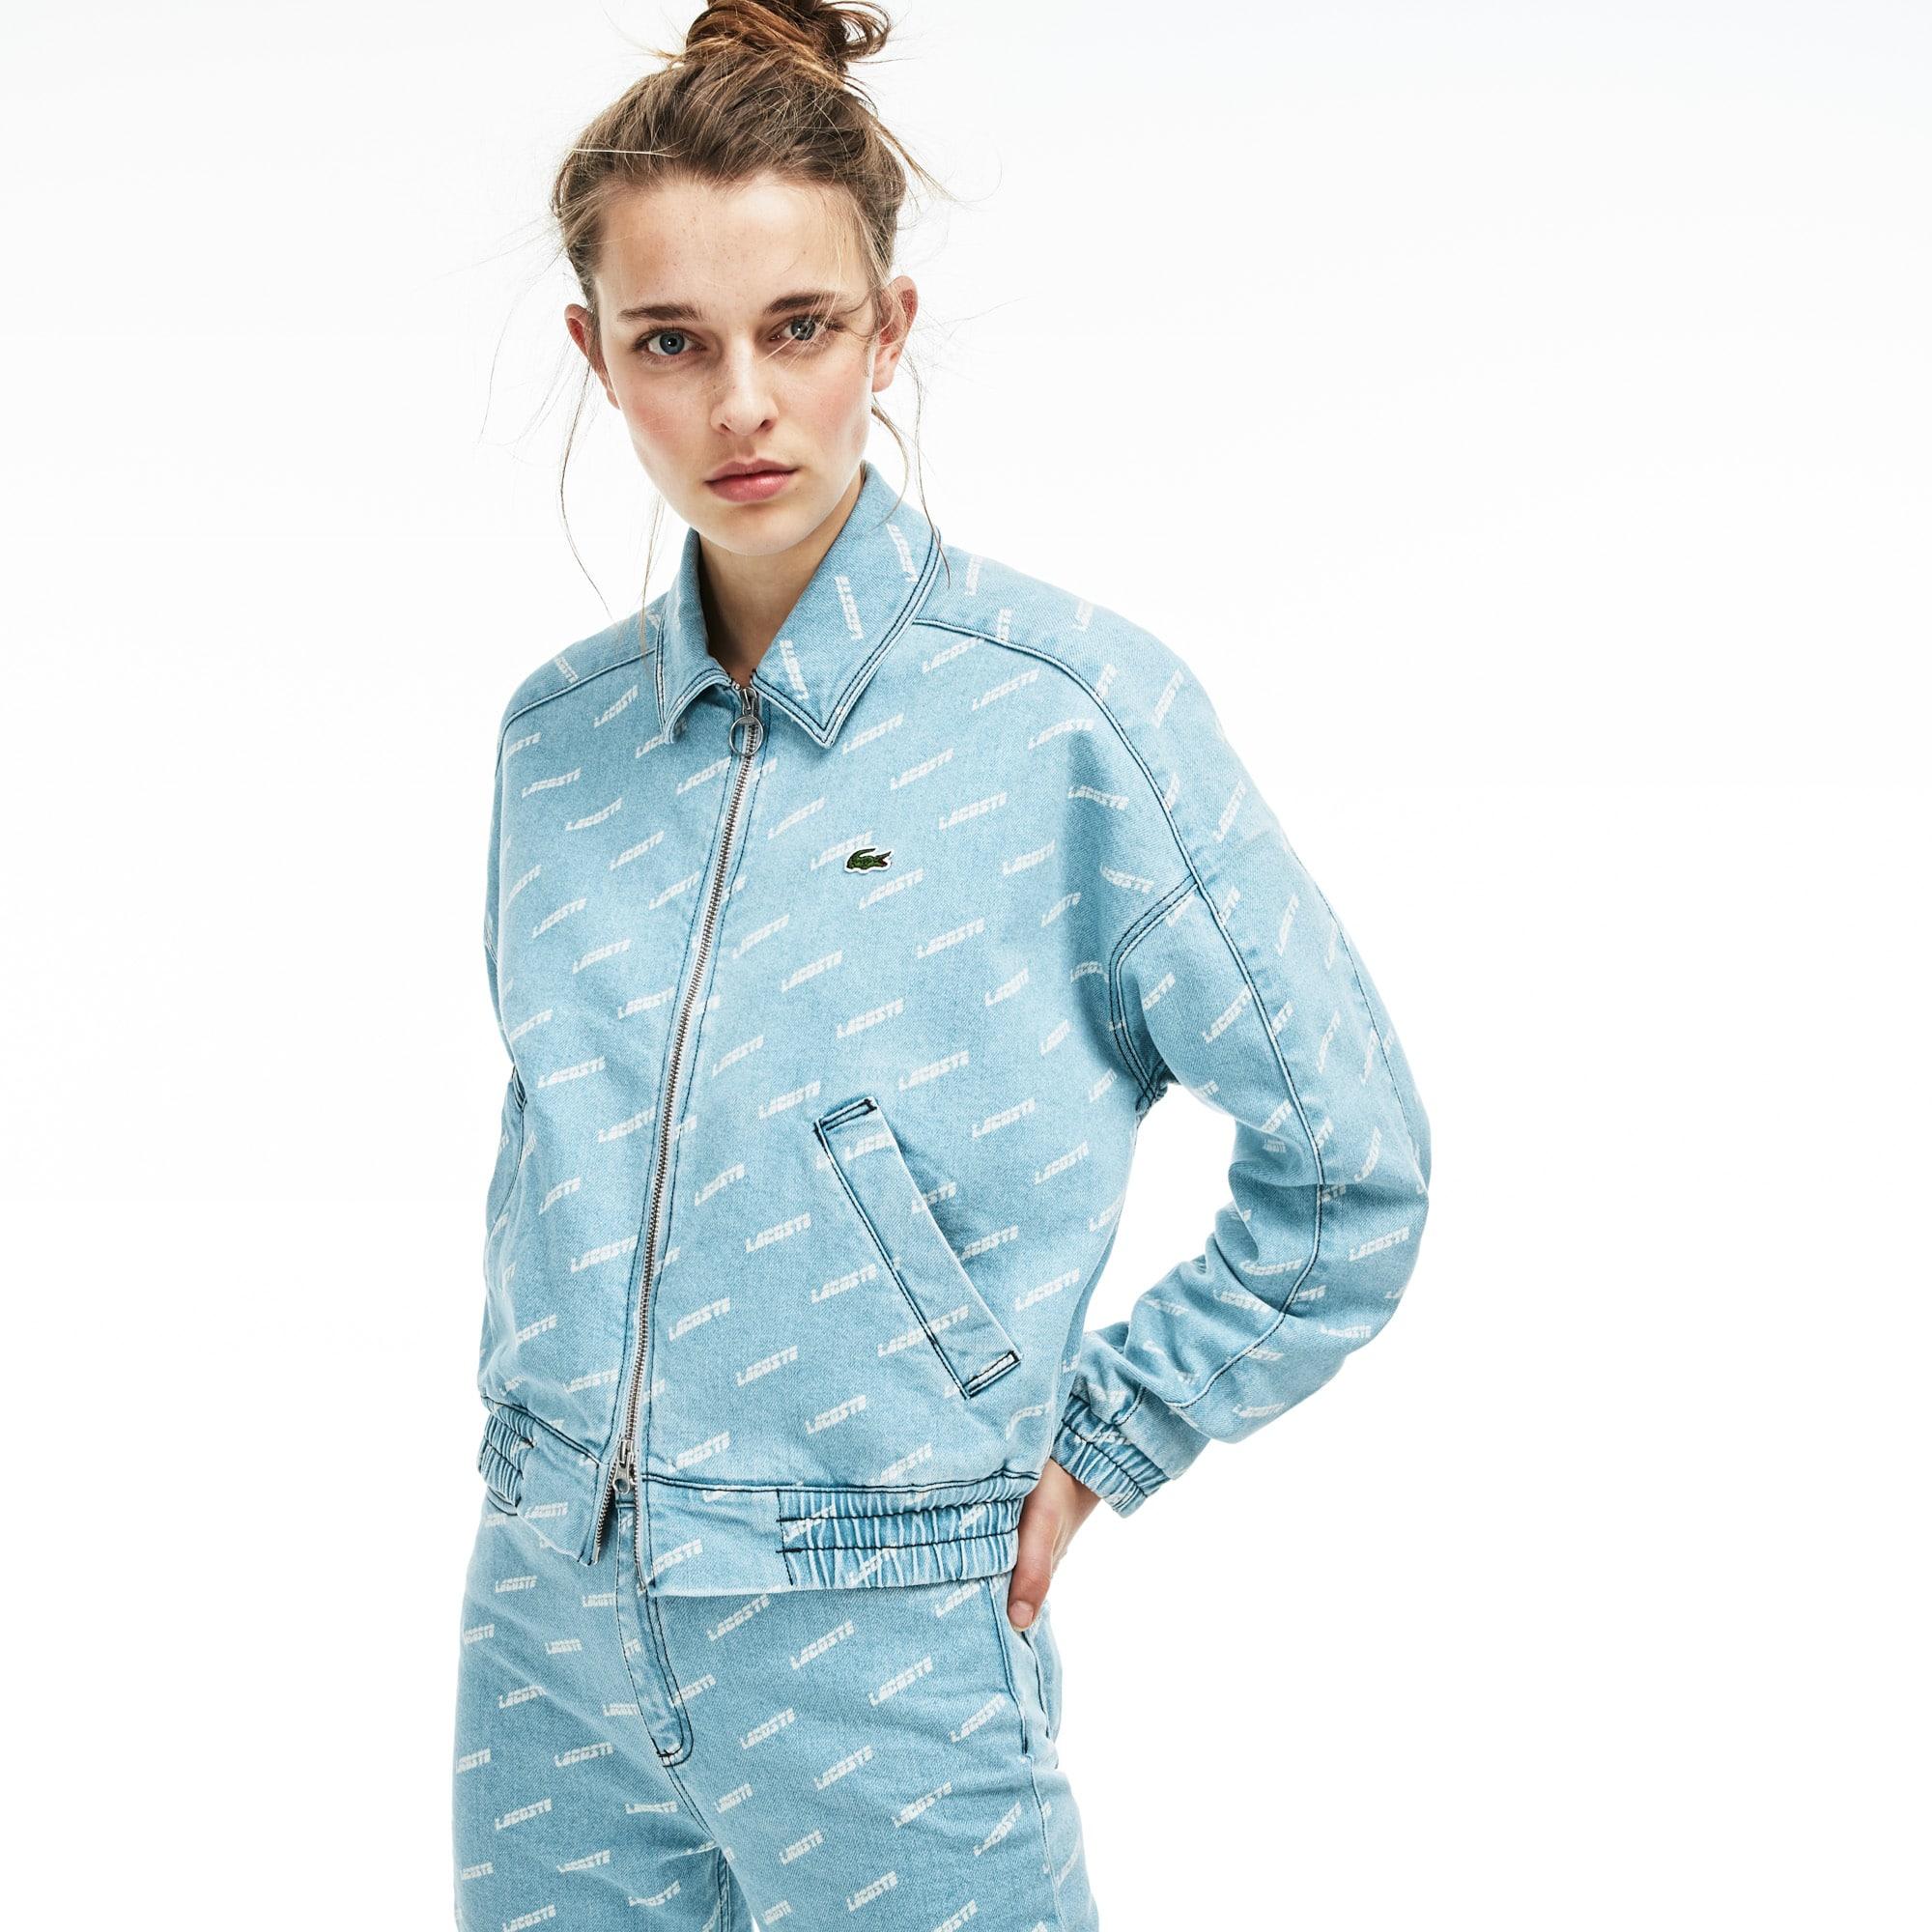 b26c933ab4 Unisex Lacoste LIVE Lacoste Print Denim Zip Jacket